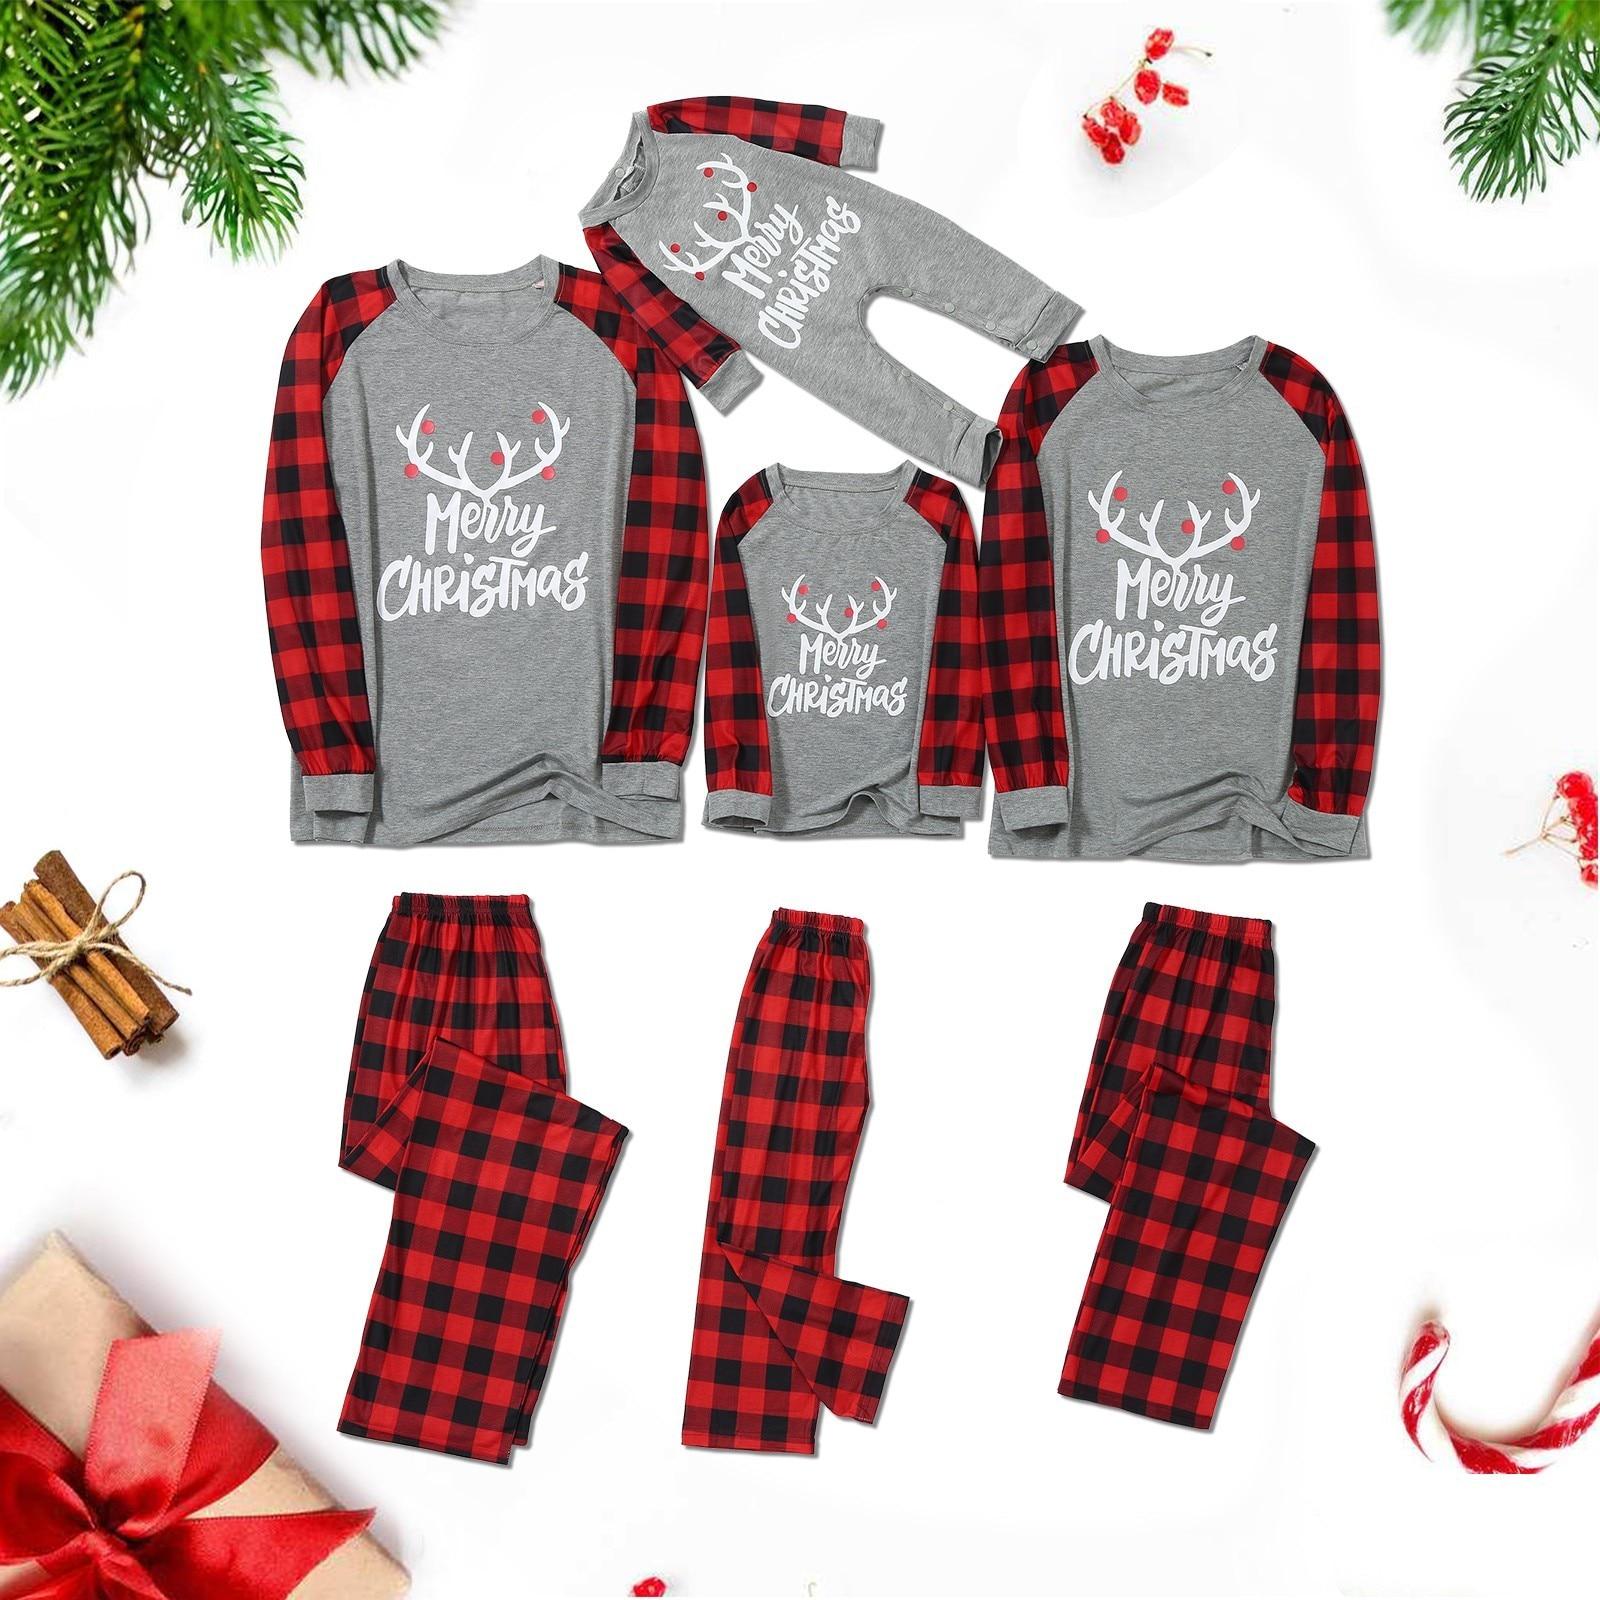 Pijama familiar de navidad con letras a cuadros para niños, Top con...